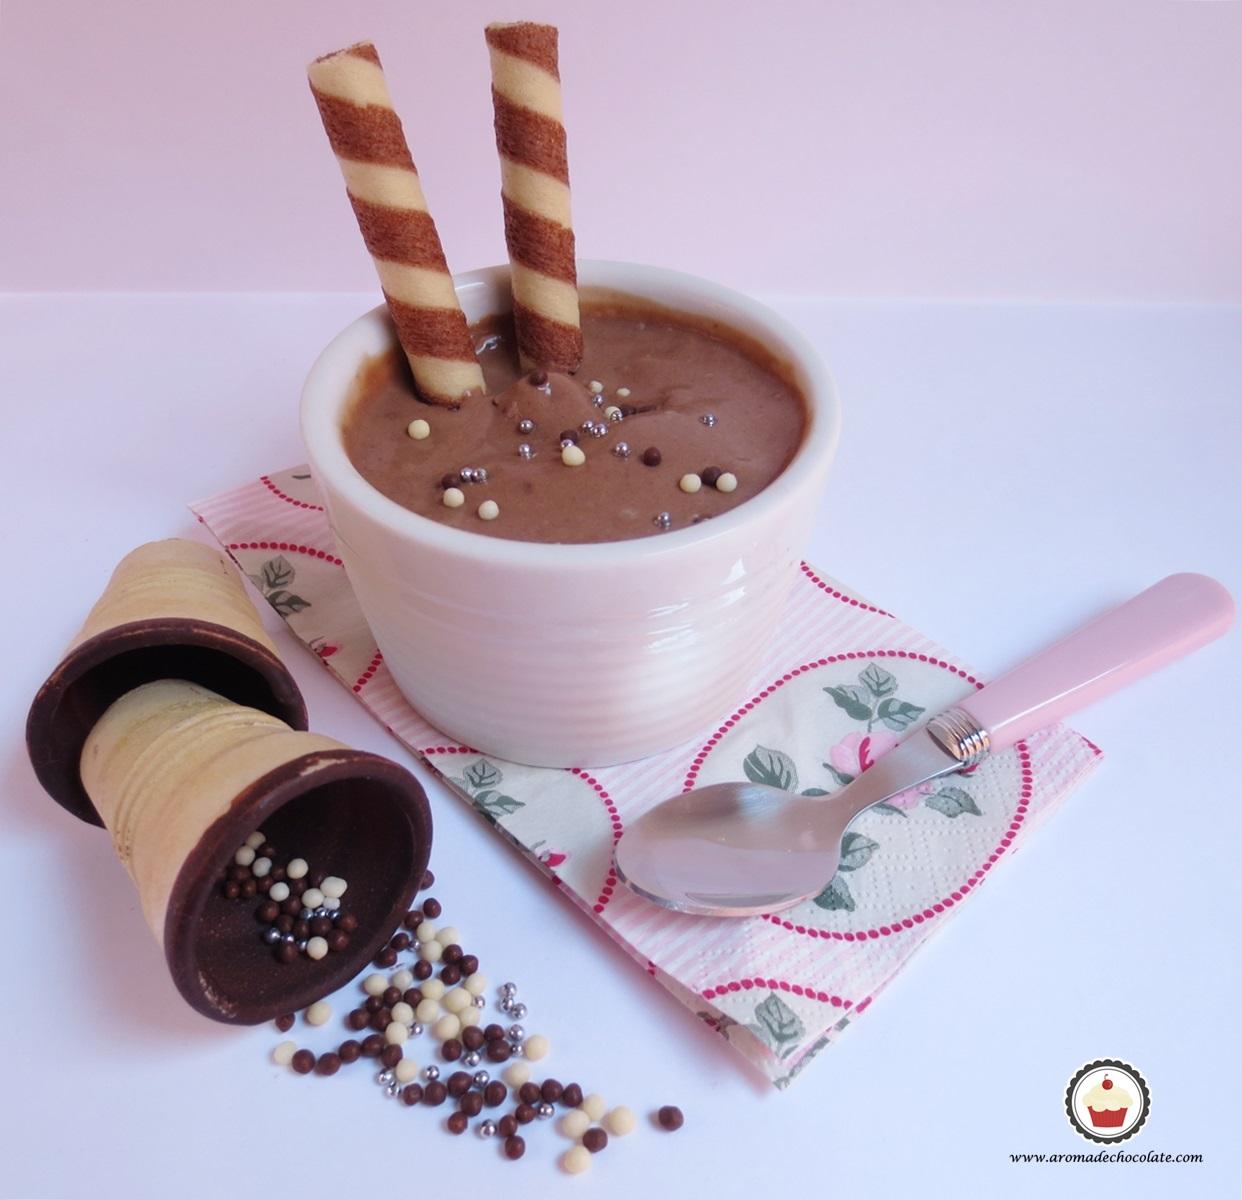 Helado de chocolate y cookies. Aroma de chocolate.